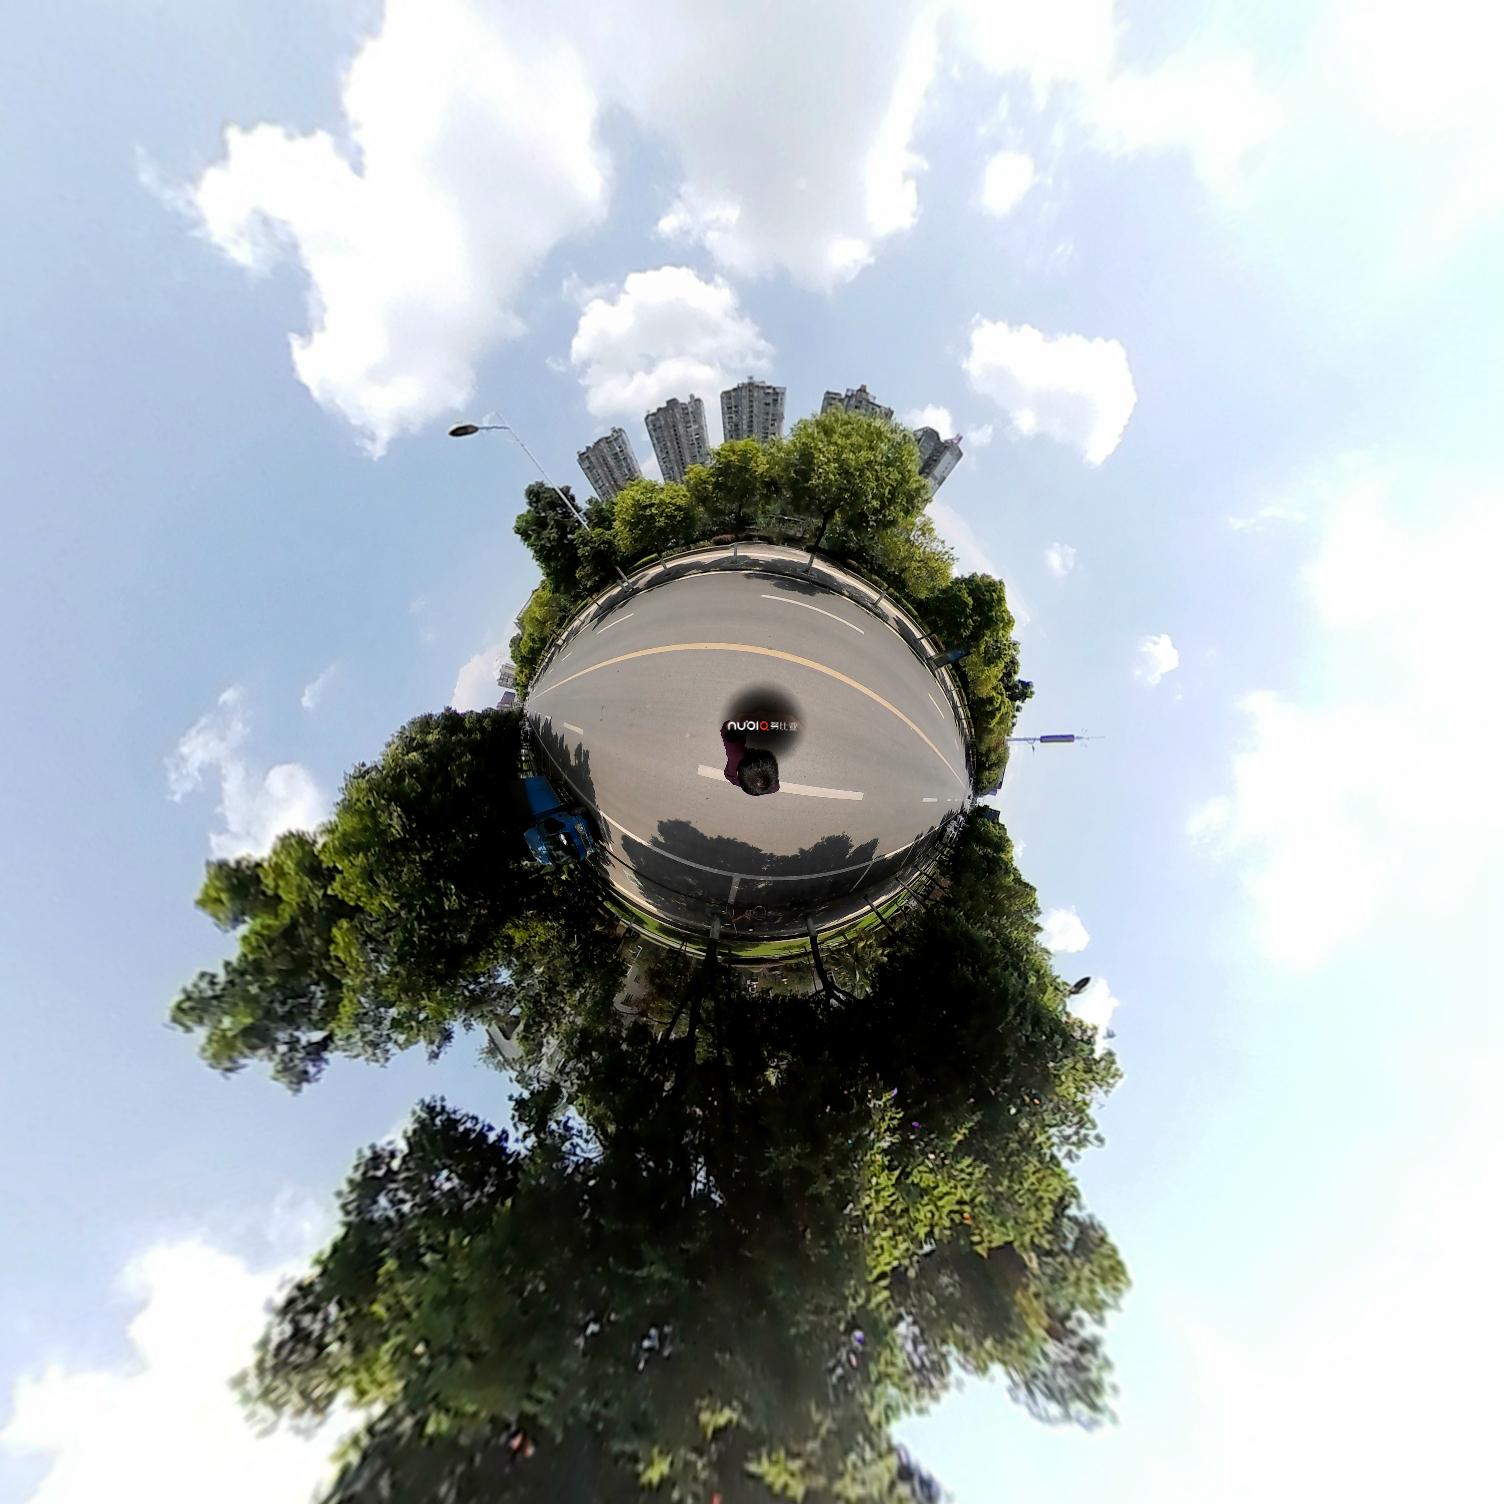 岳池VR全景拍摄 360度全景分享岳池